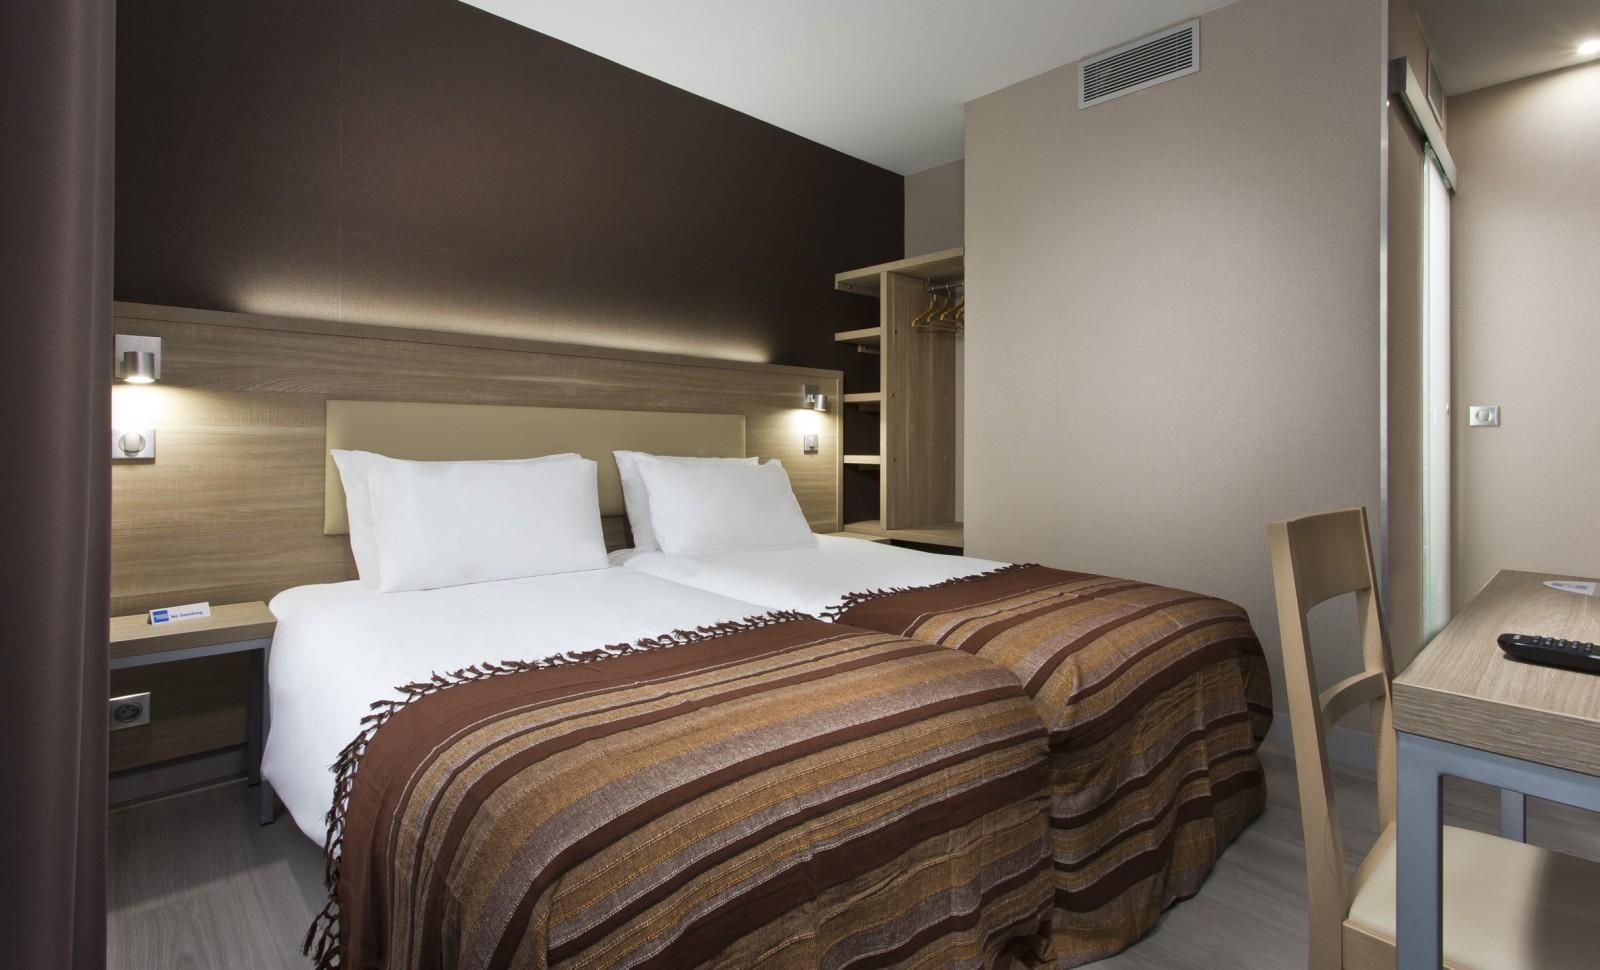 H tel des pavillons paris h tel ternes paris chambre lits jumeaux for Chambre double lits jumeaux